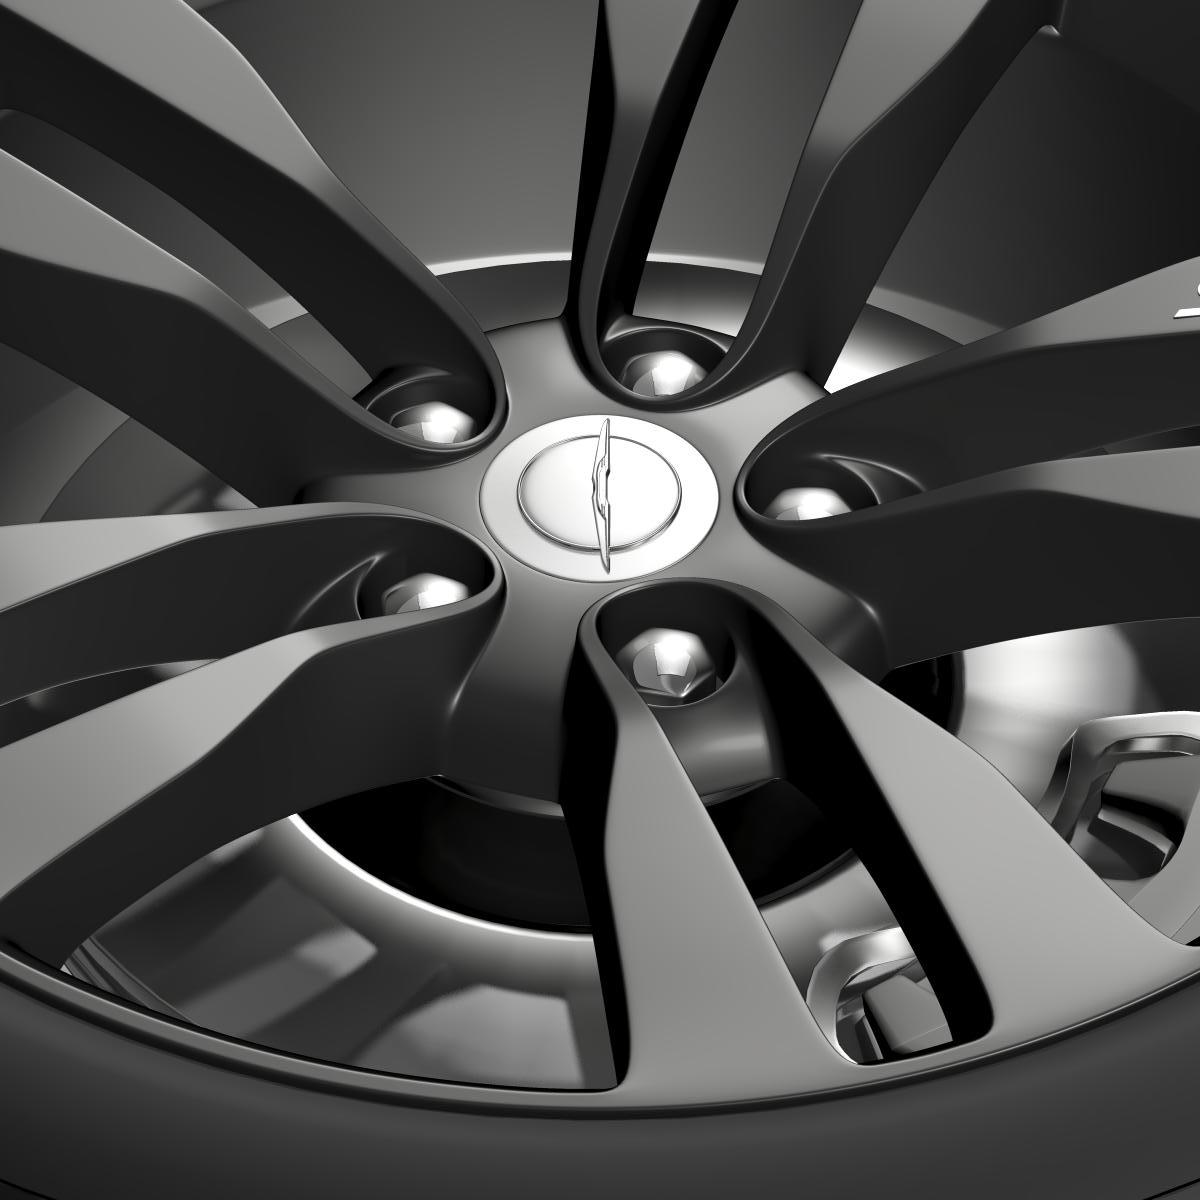 chrysler 300 srt8 satin vapor wheel 3d model 3ds max fbx c4d lwo ma mb hrc xsi obj 210643